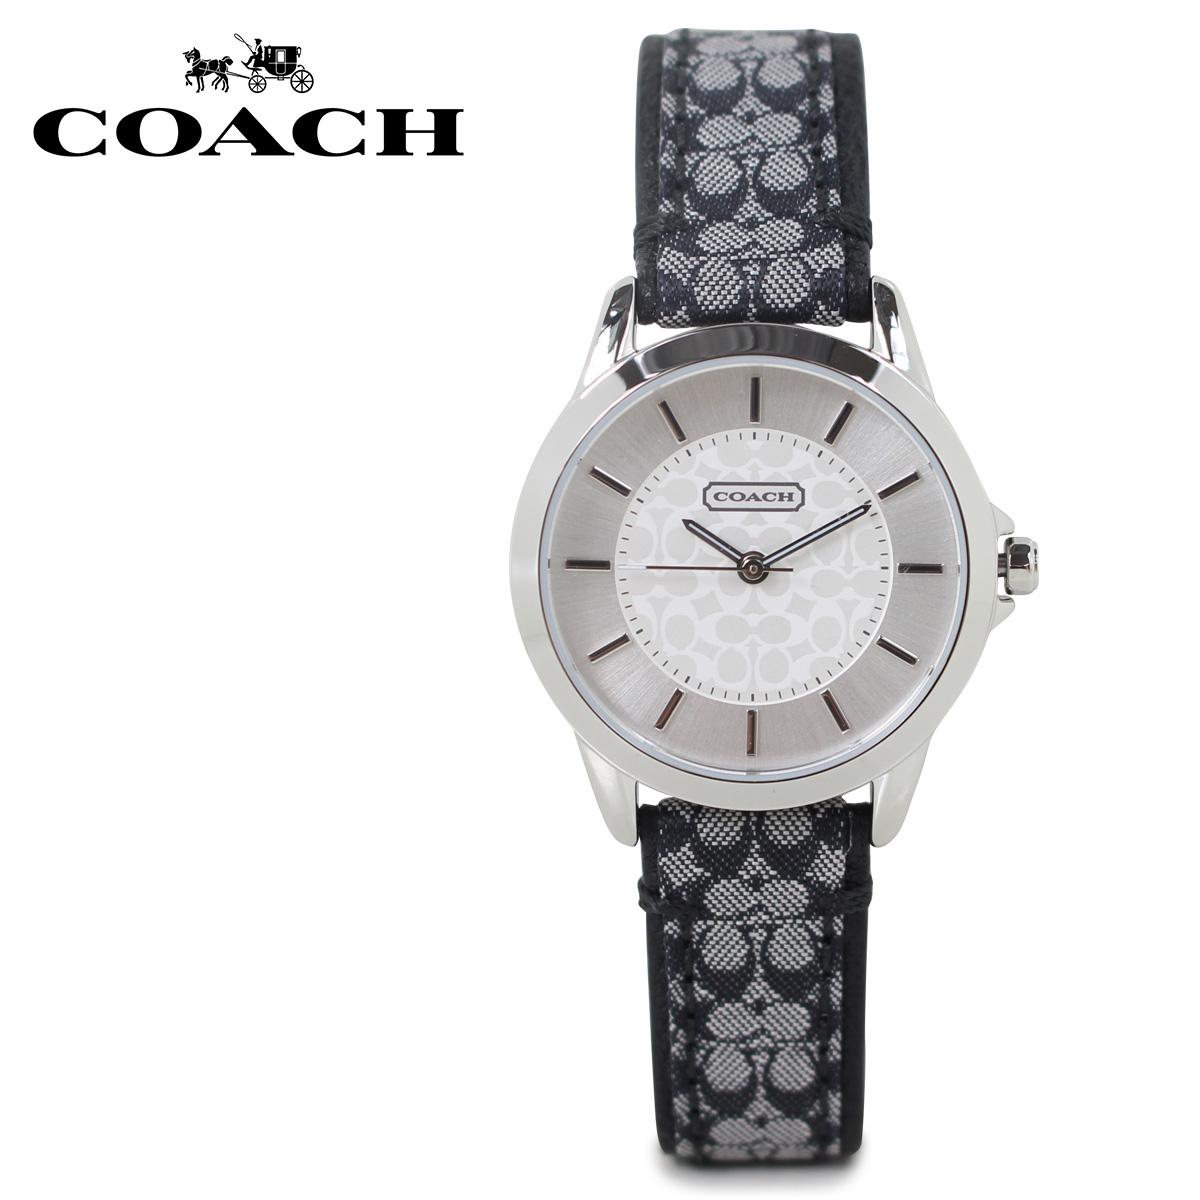 COACH コーチ 腕時計 レディース シグネチャー レザー ブラック 14501524